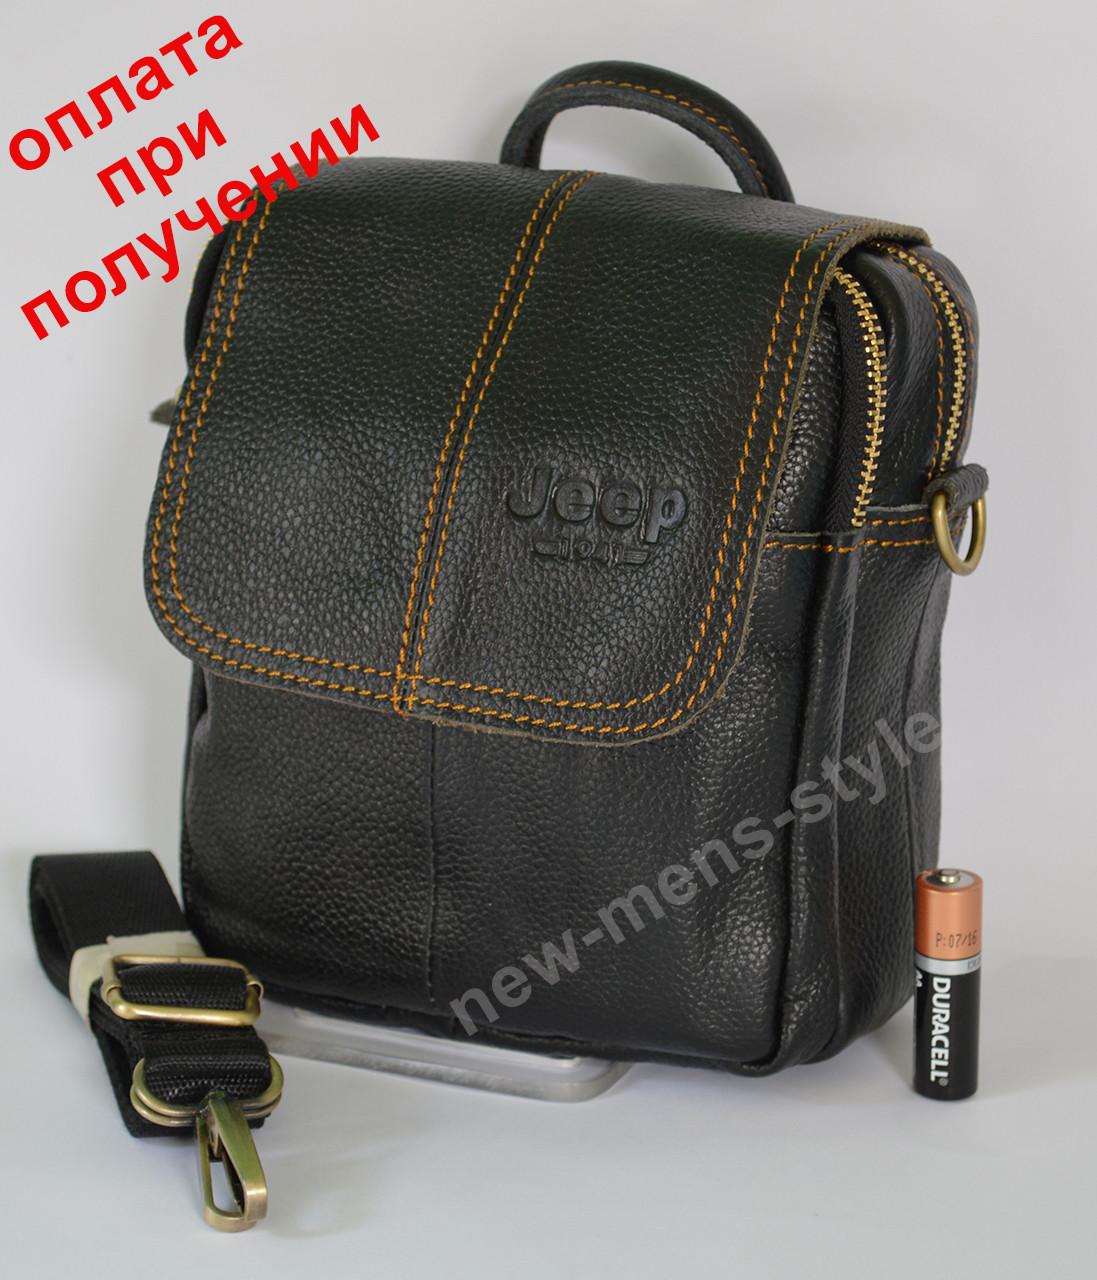 Чоловіча шкіряна натуральна сумка, барсетка бренд Polo, Jeep Оригінал!